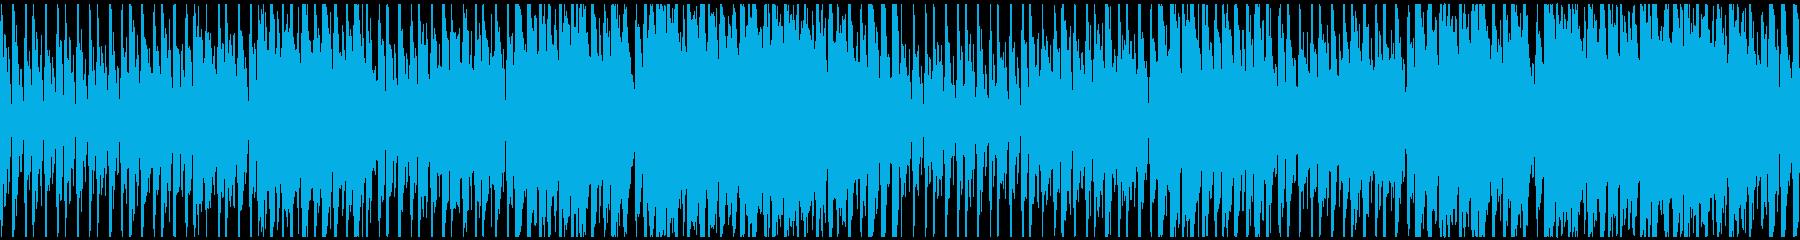 緊迫感のあるタンゴ調BGM ループ仕様の再生済みの波形